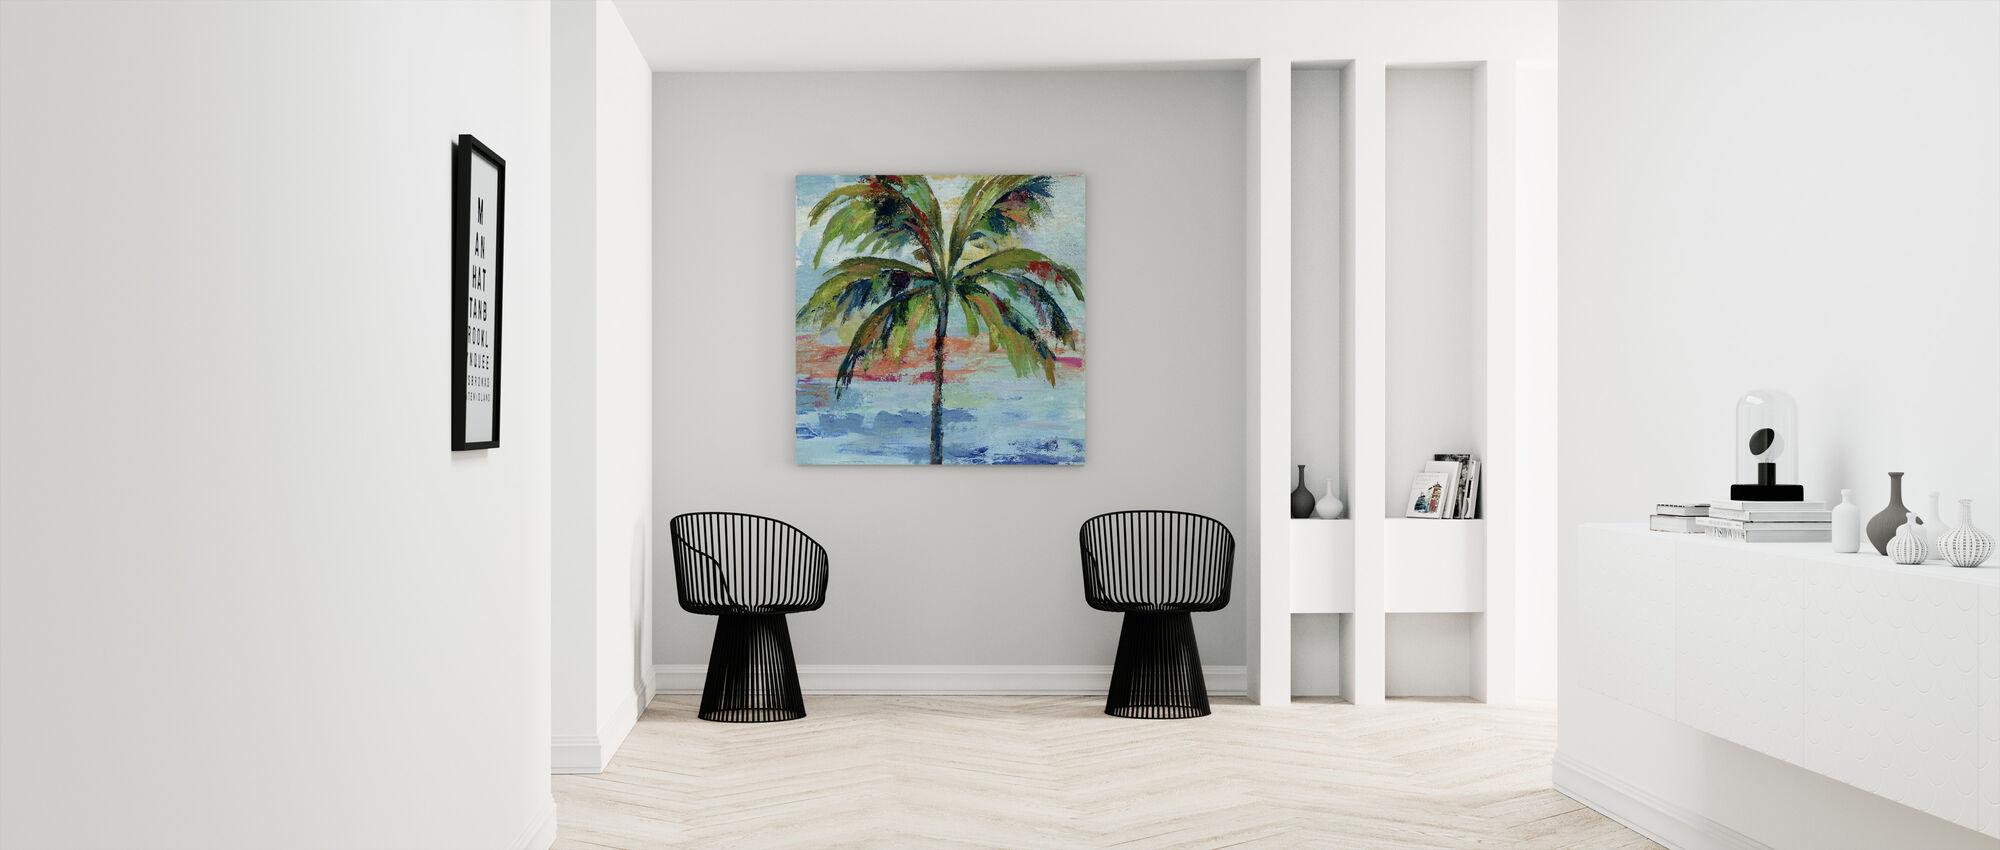 Kalifornia Palm I - Canvastaulu - Aula